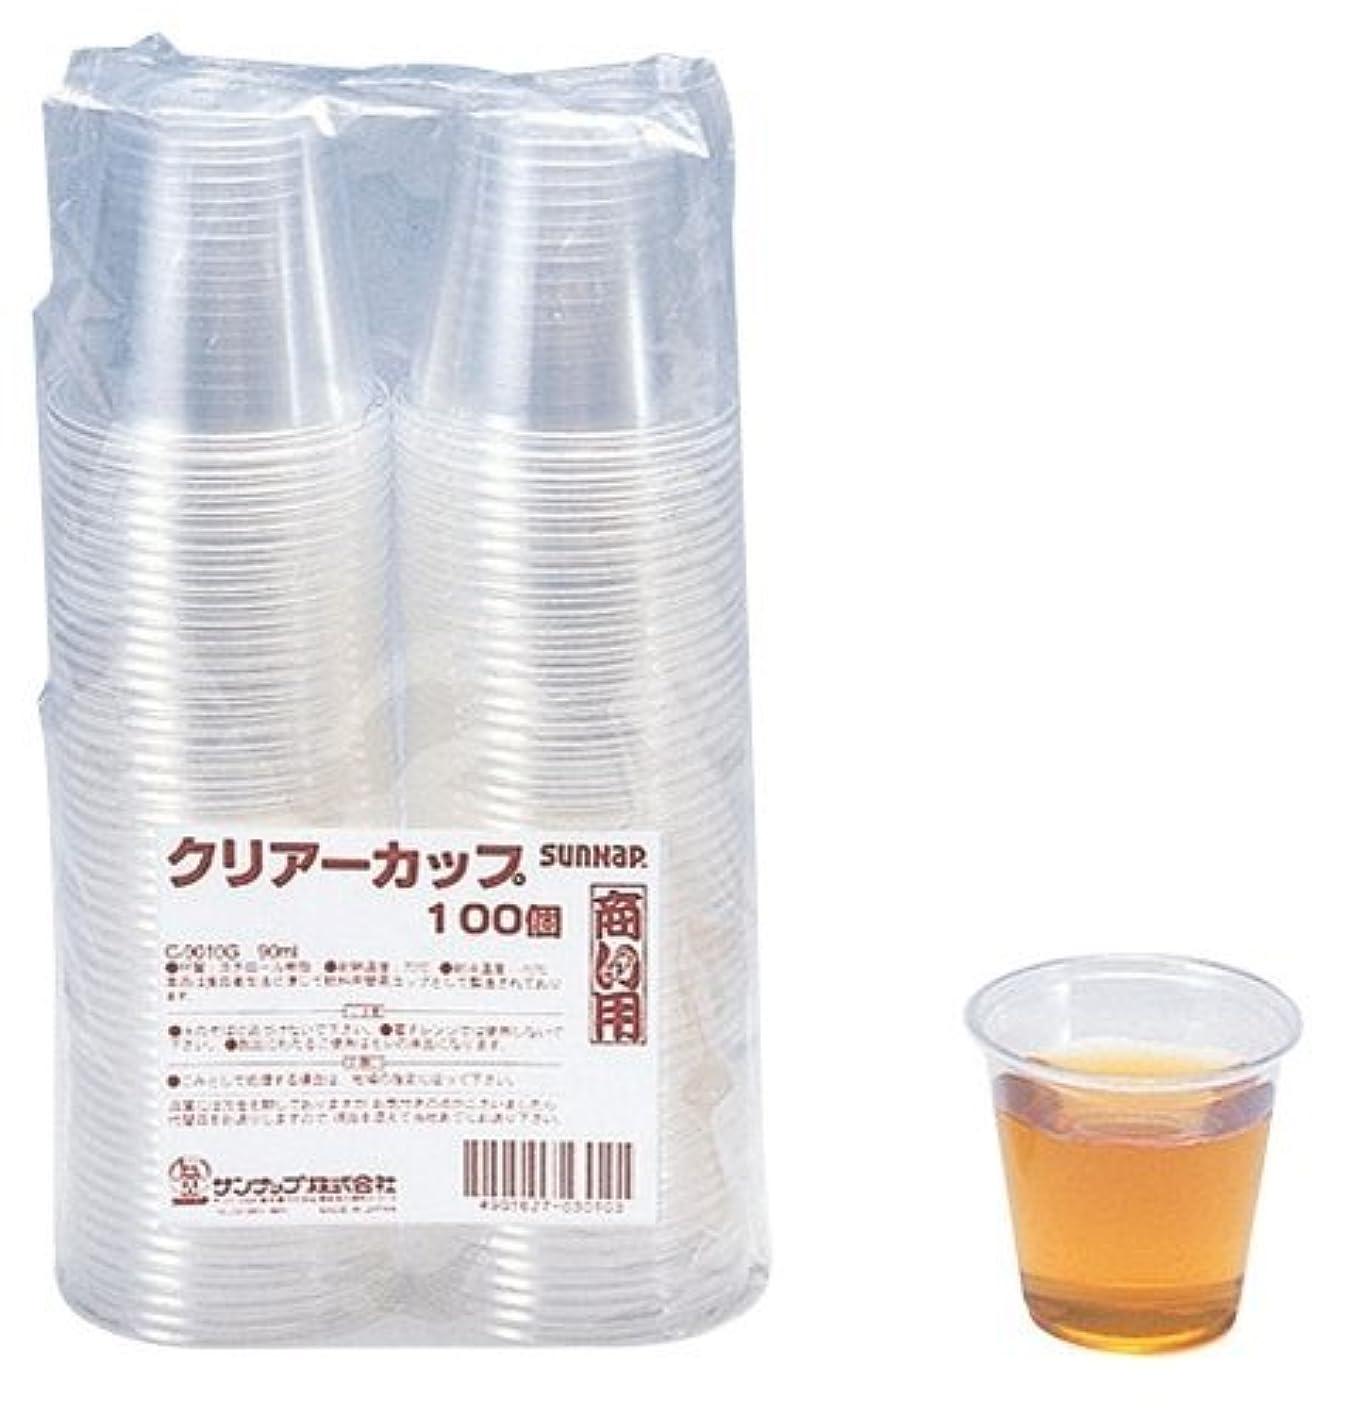 溶融従順敬礼(まとめ買い) サンナップ 商い用クリアーカップ 90ml 100個 C-9010G 【×3】